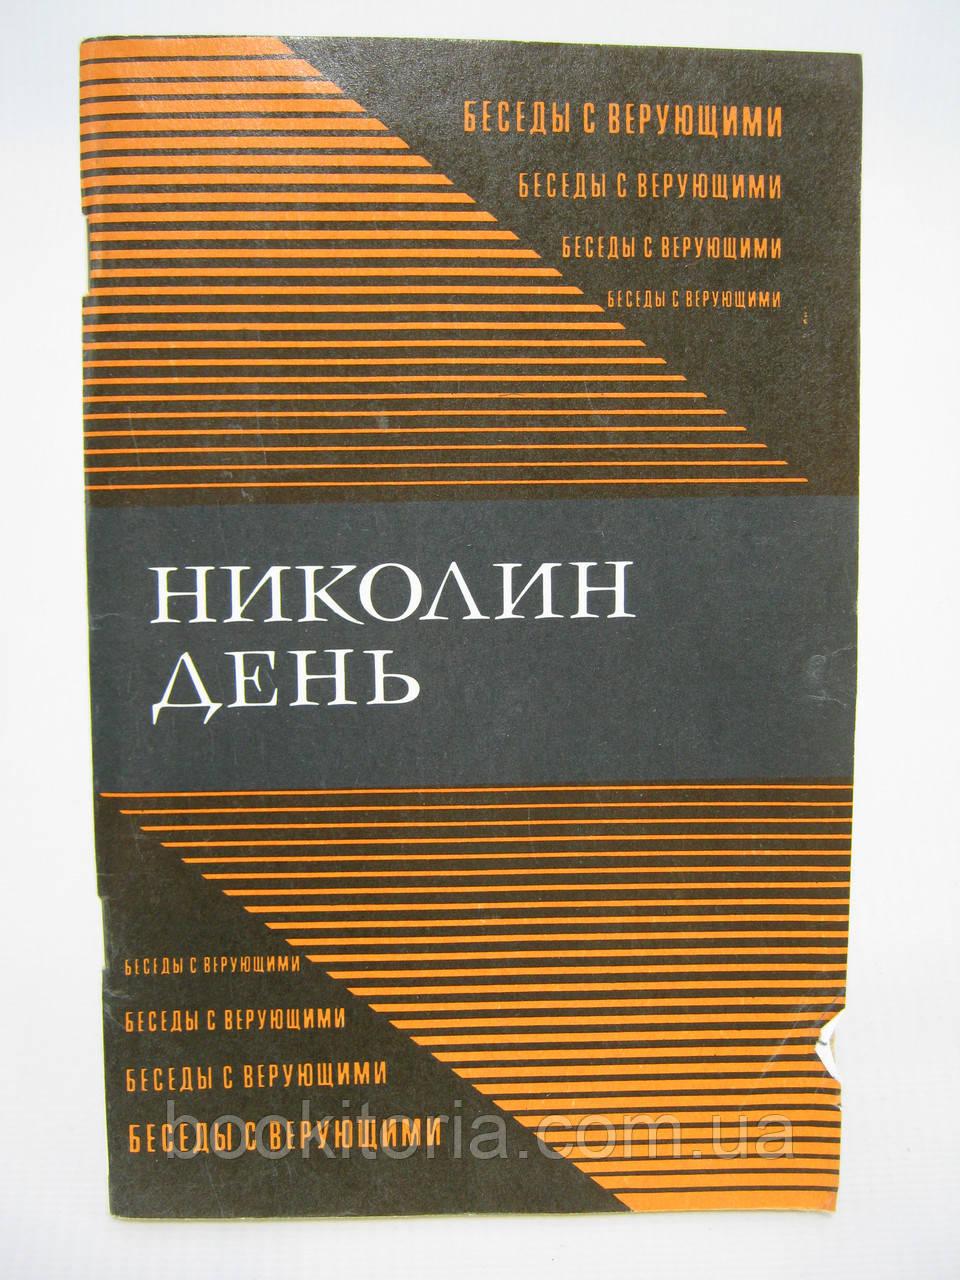 Суглобов Г.А. Николин день (б/у).